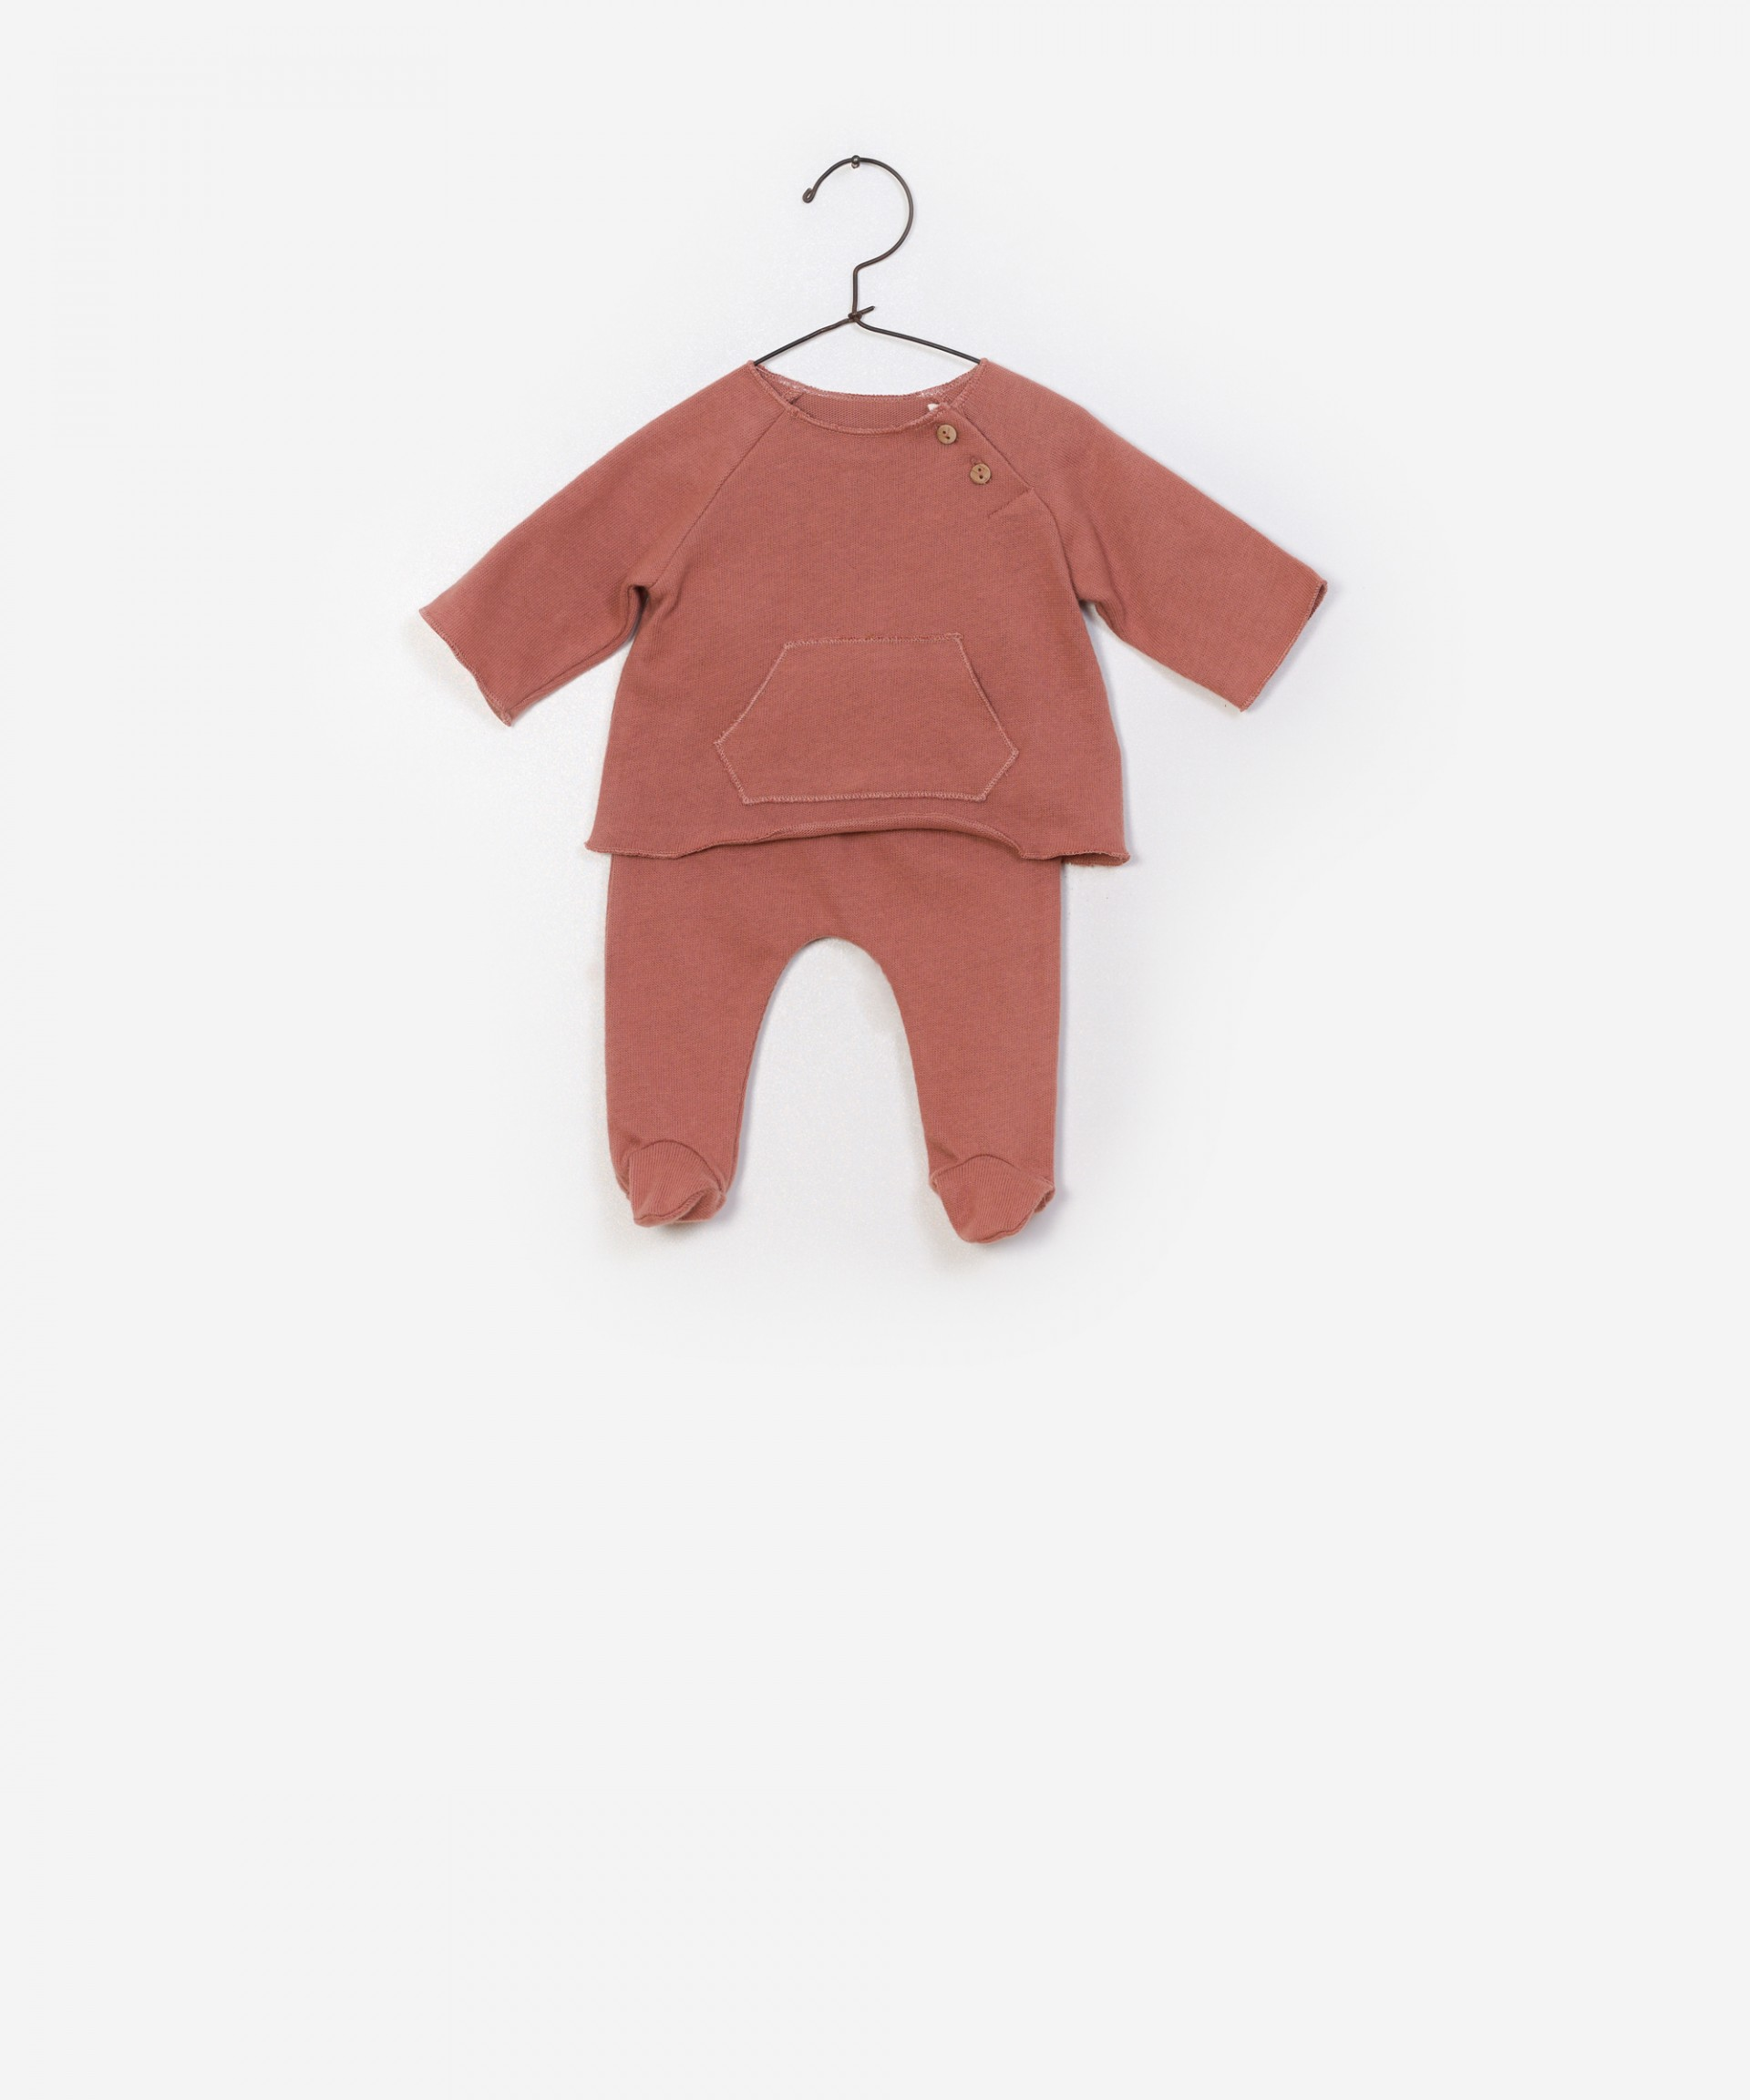 LS T-shirt + Jersey set